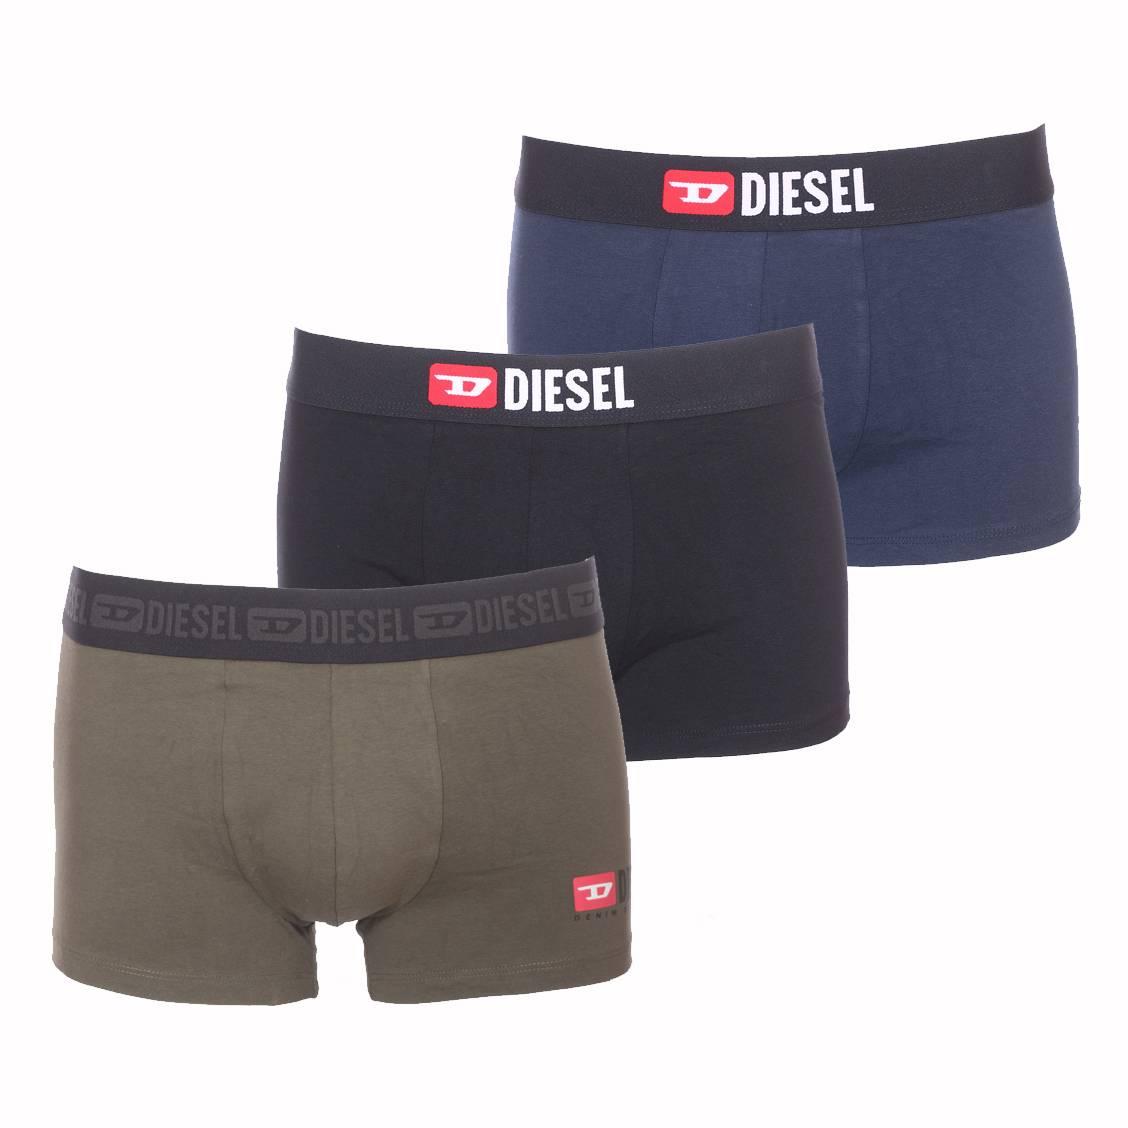 Lot de 3 boxers diesel damien en coton stretch noir, bleu pétrole et vert kaki